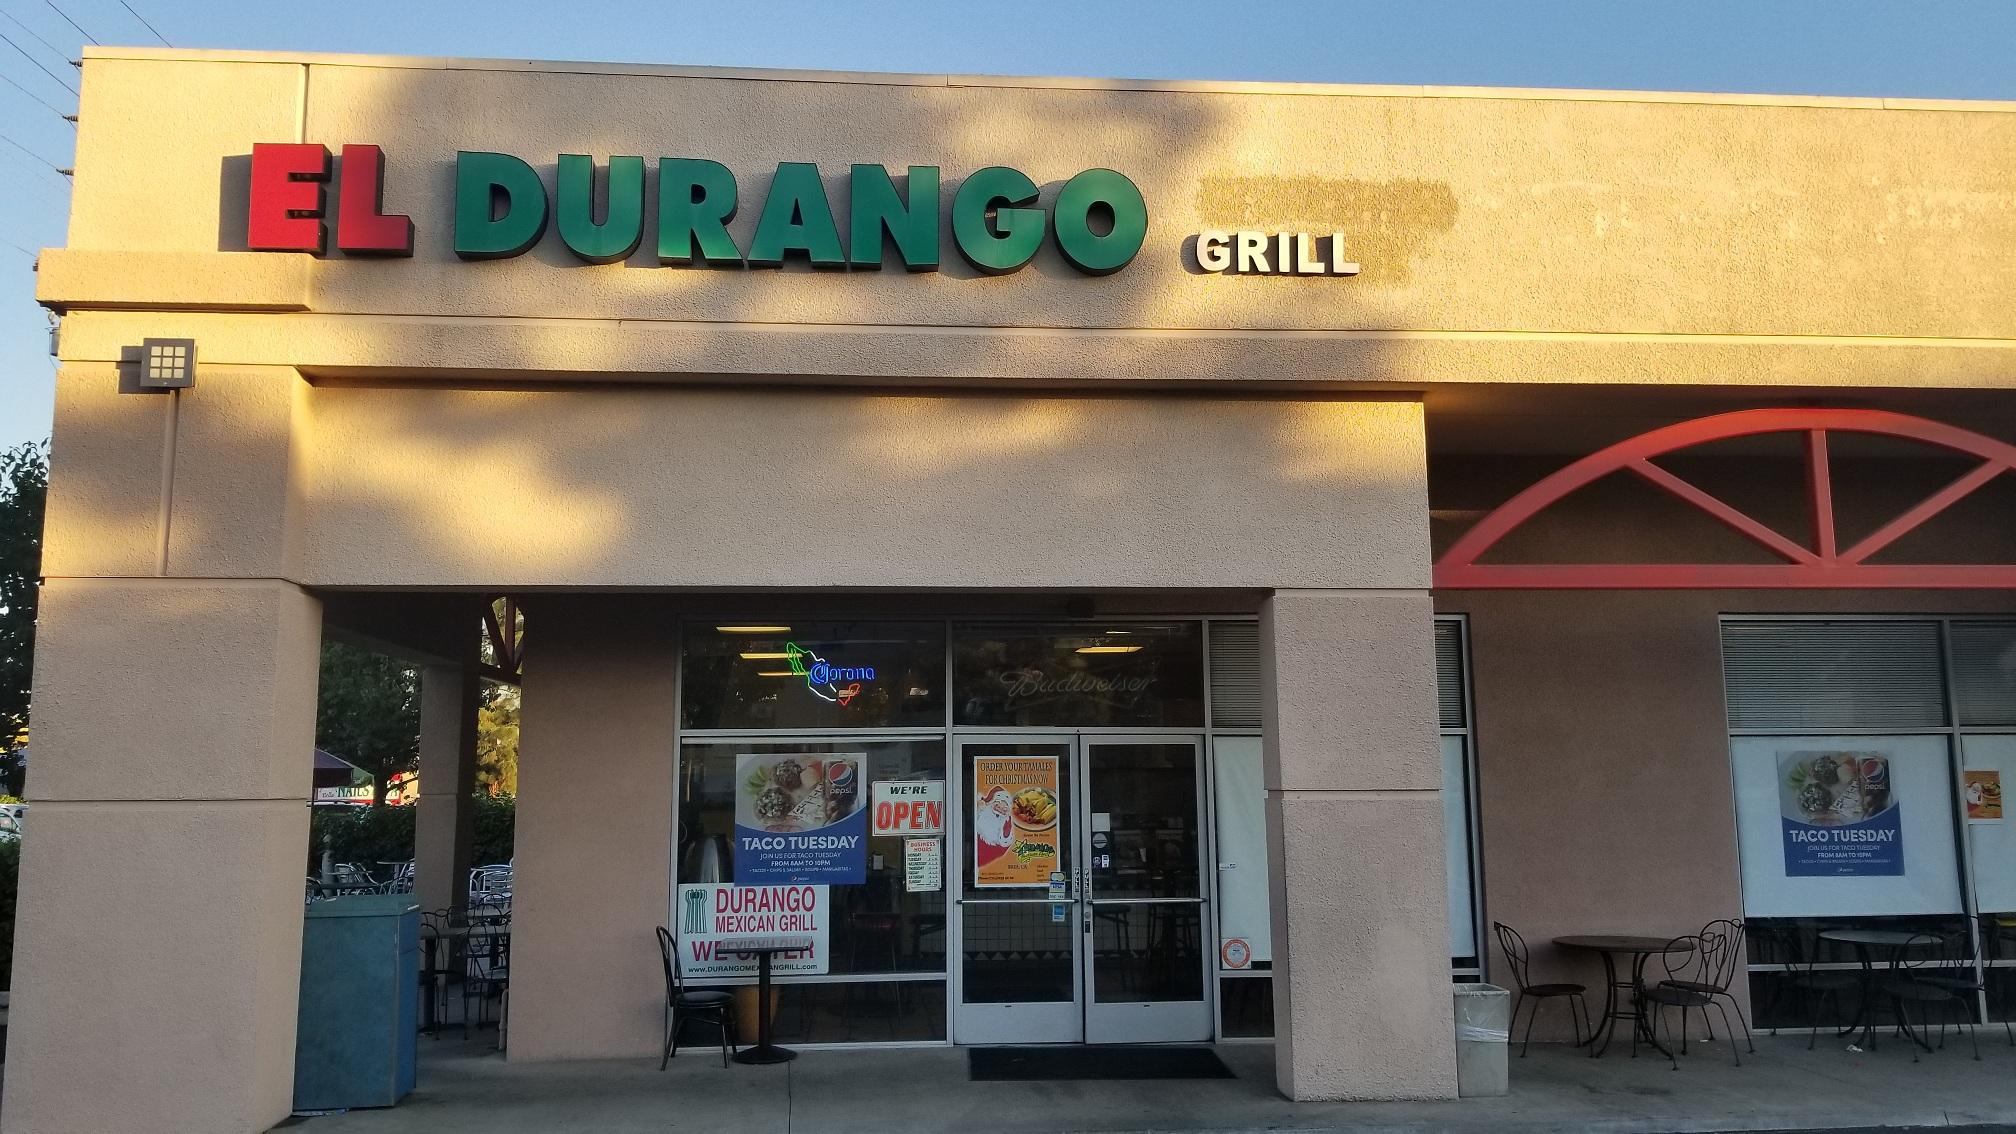 El Durango Grill image 1